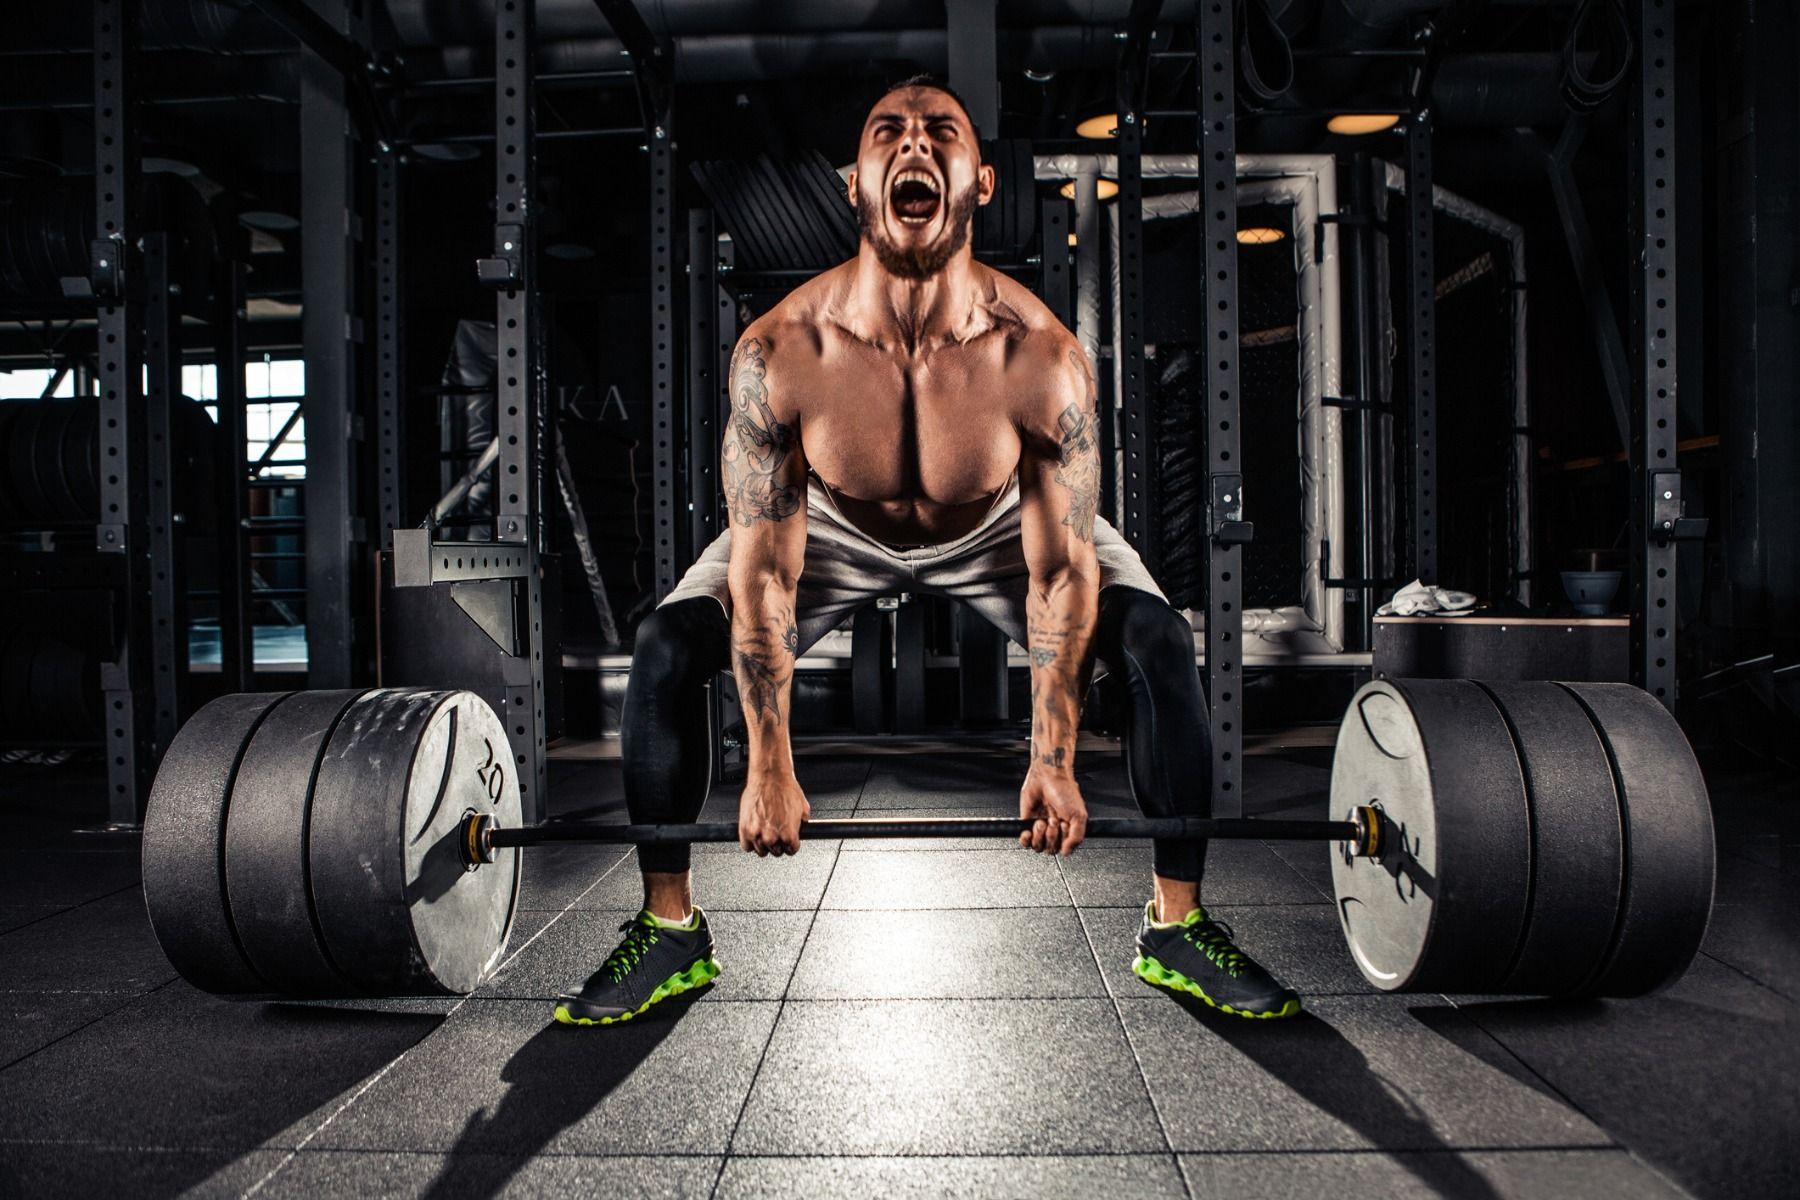 Erőemelő vagy súlyemelő stílusú guggolás?